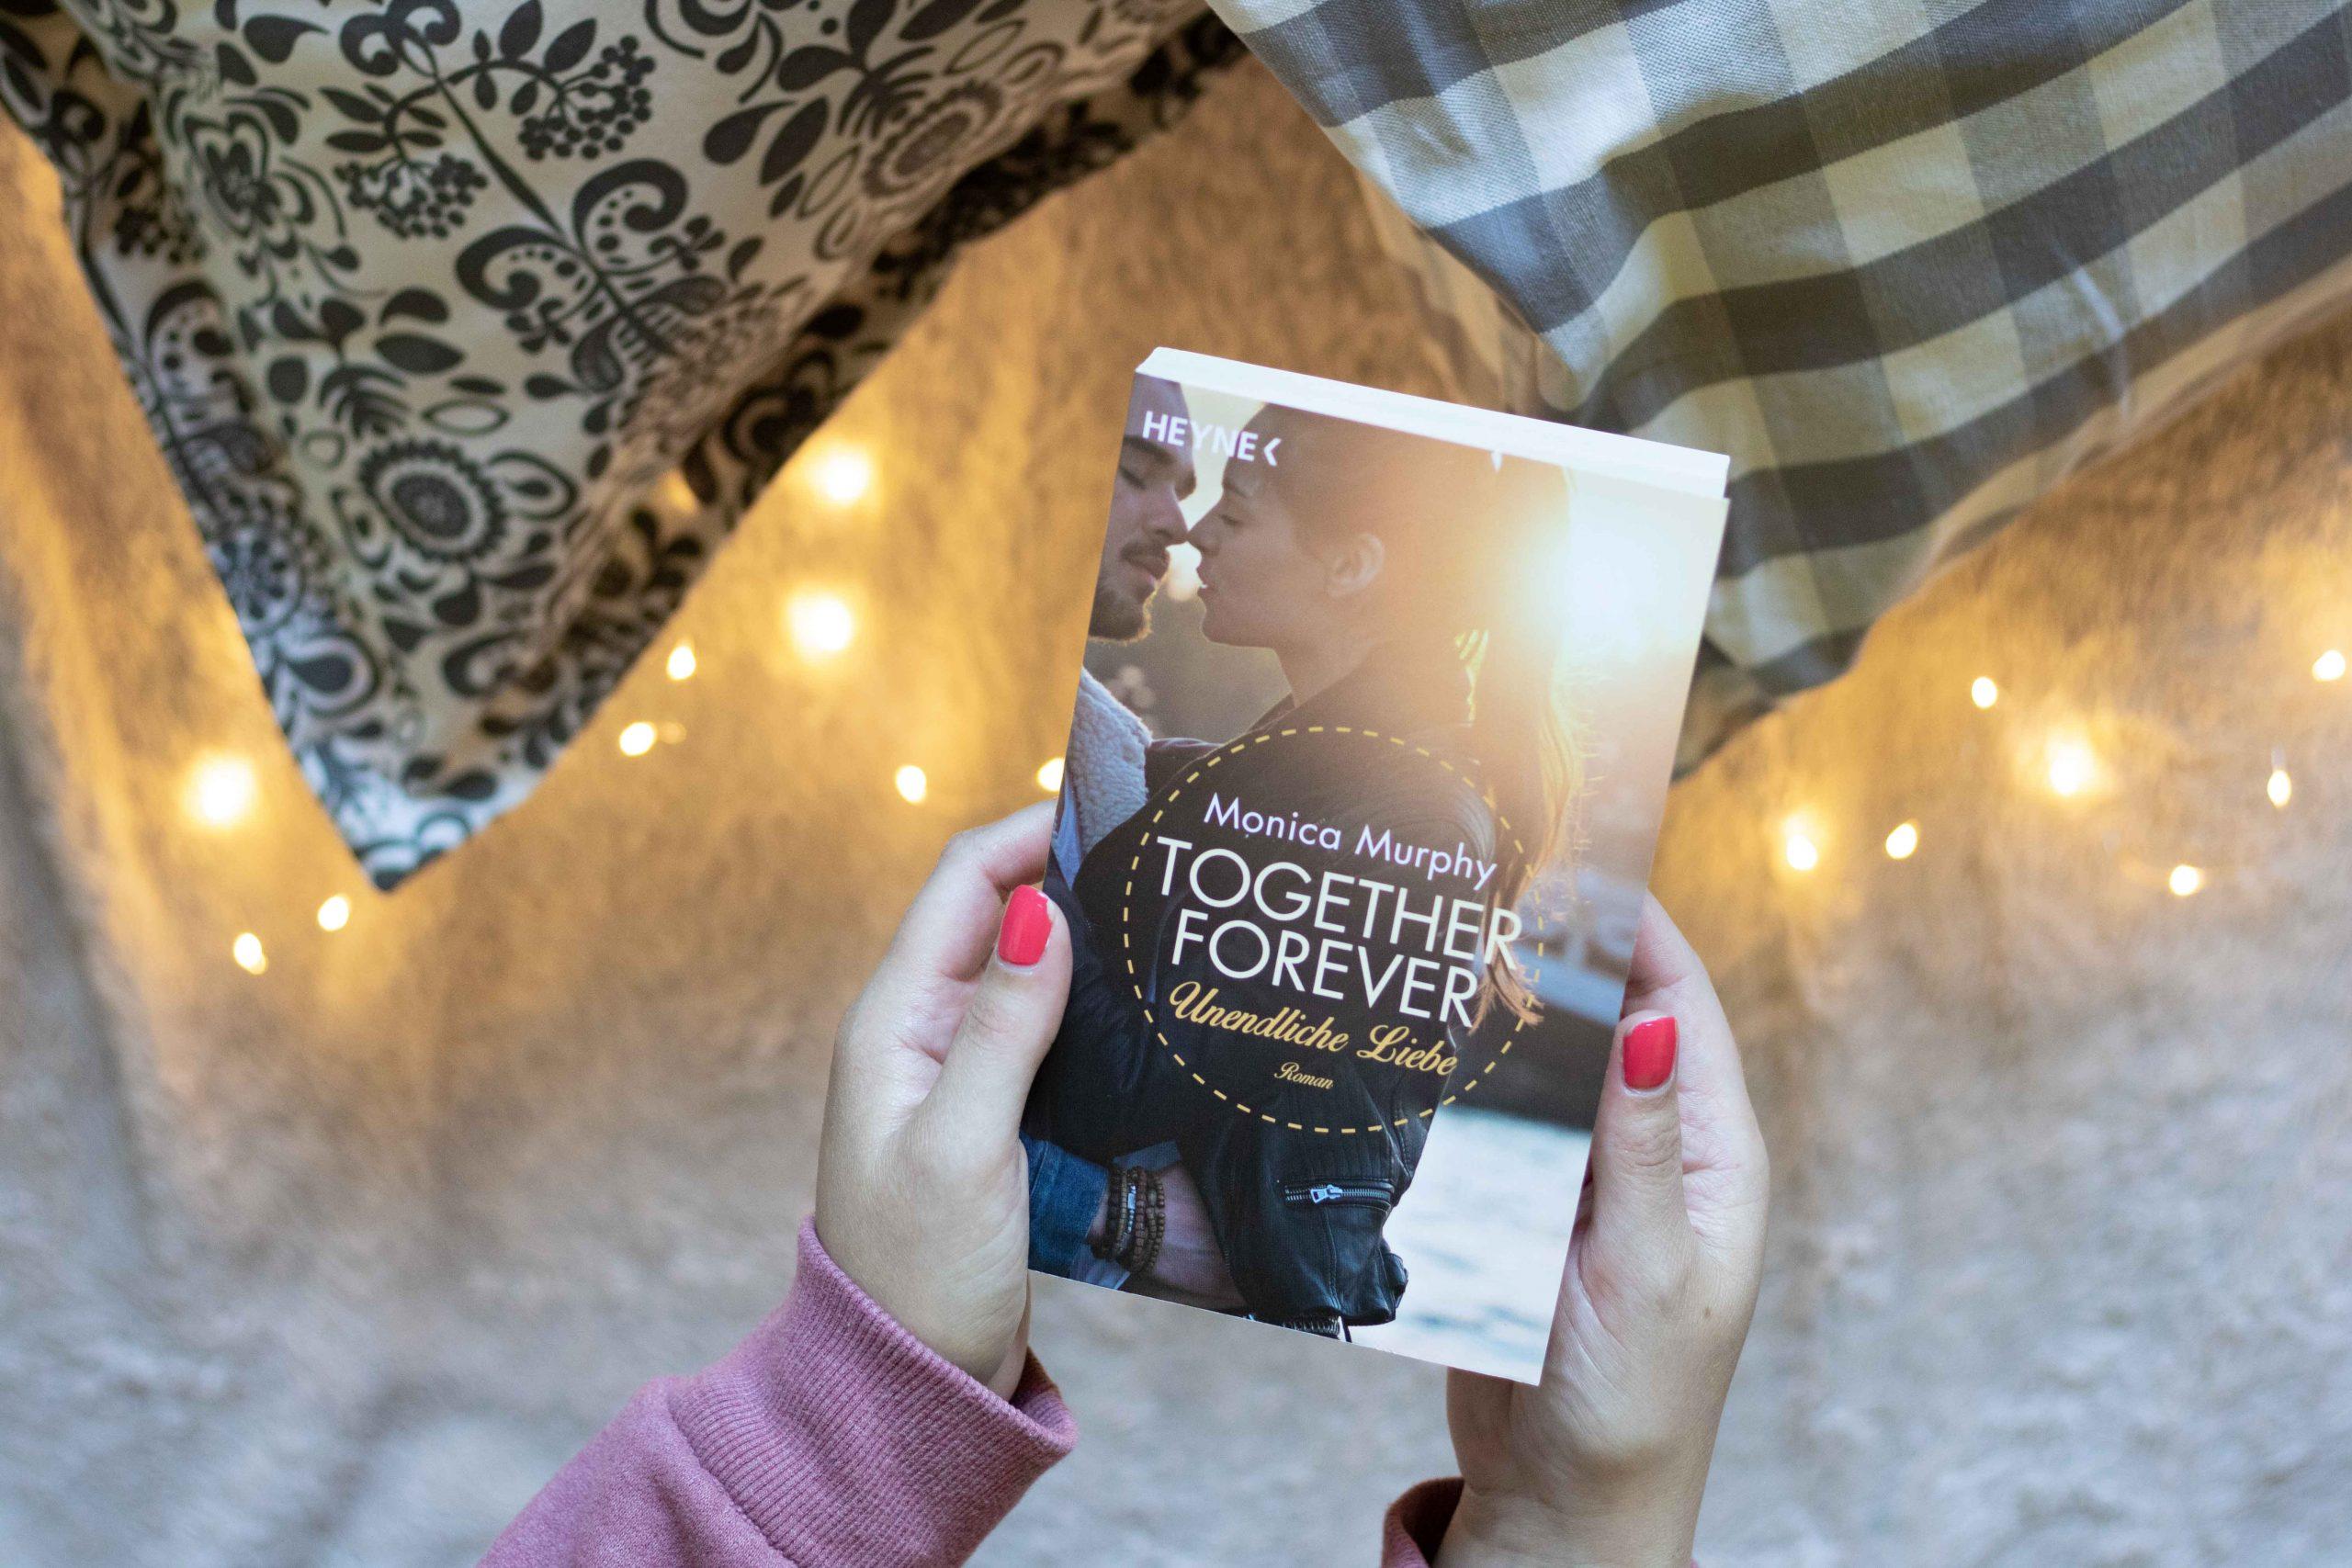 Together Forever – Unendliche Liebe | Monica Murphy